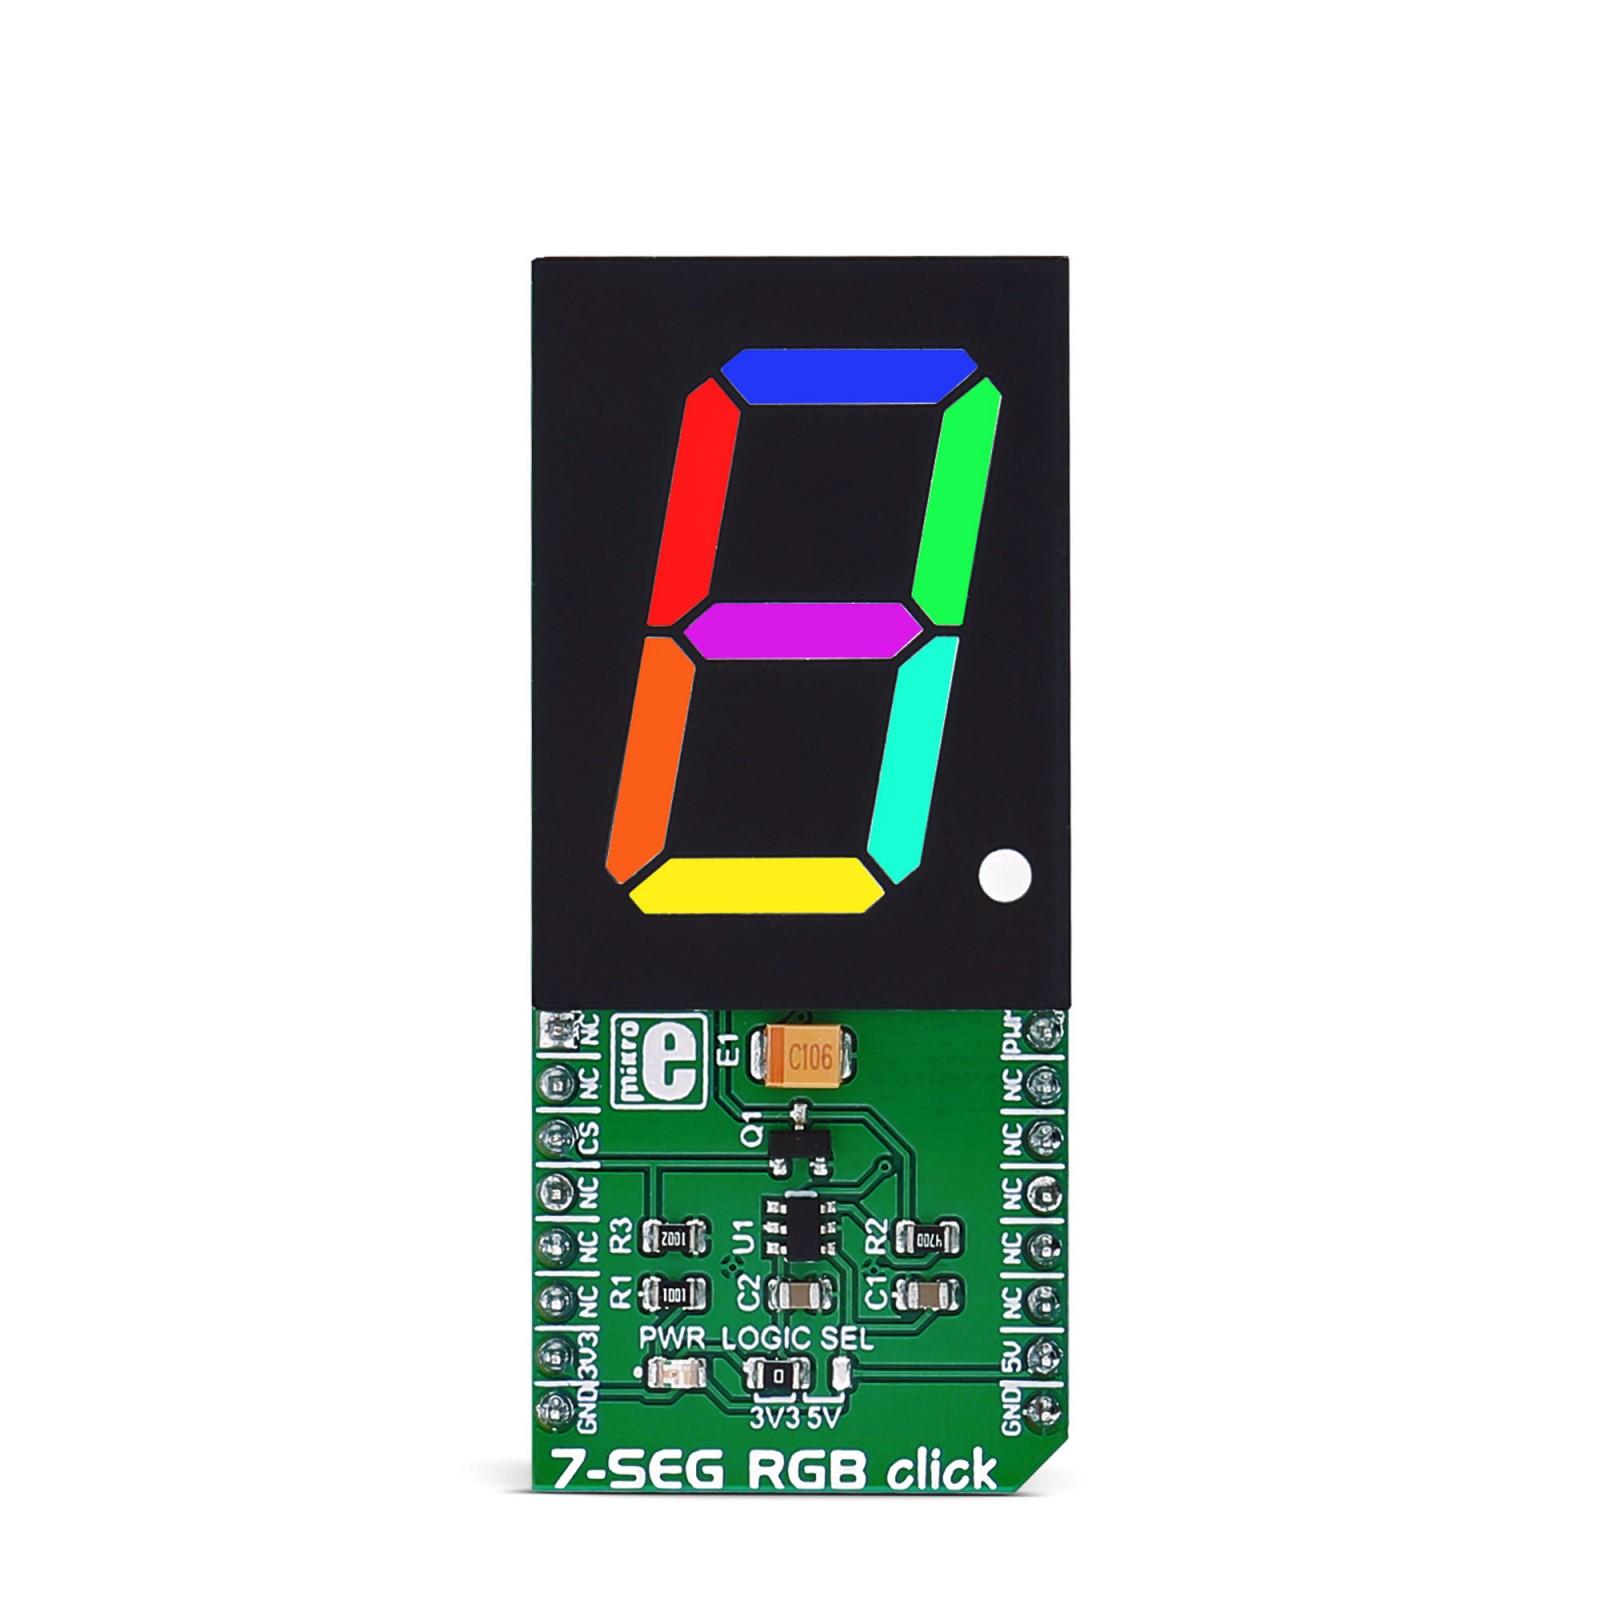 RGB Full Colour LED Standard Pack of 2